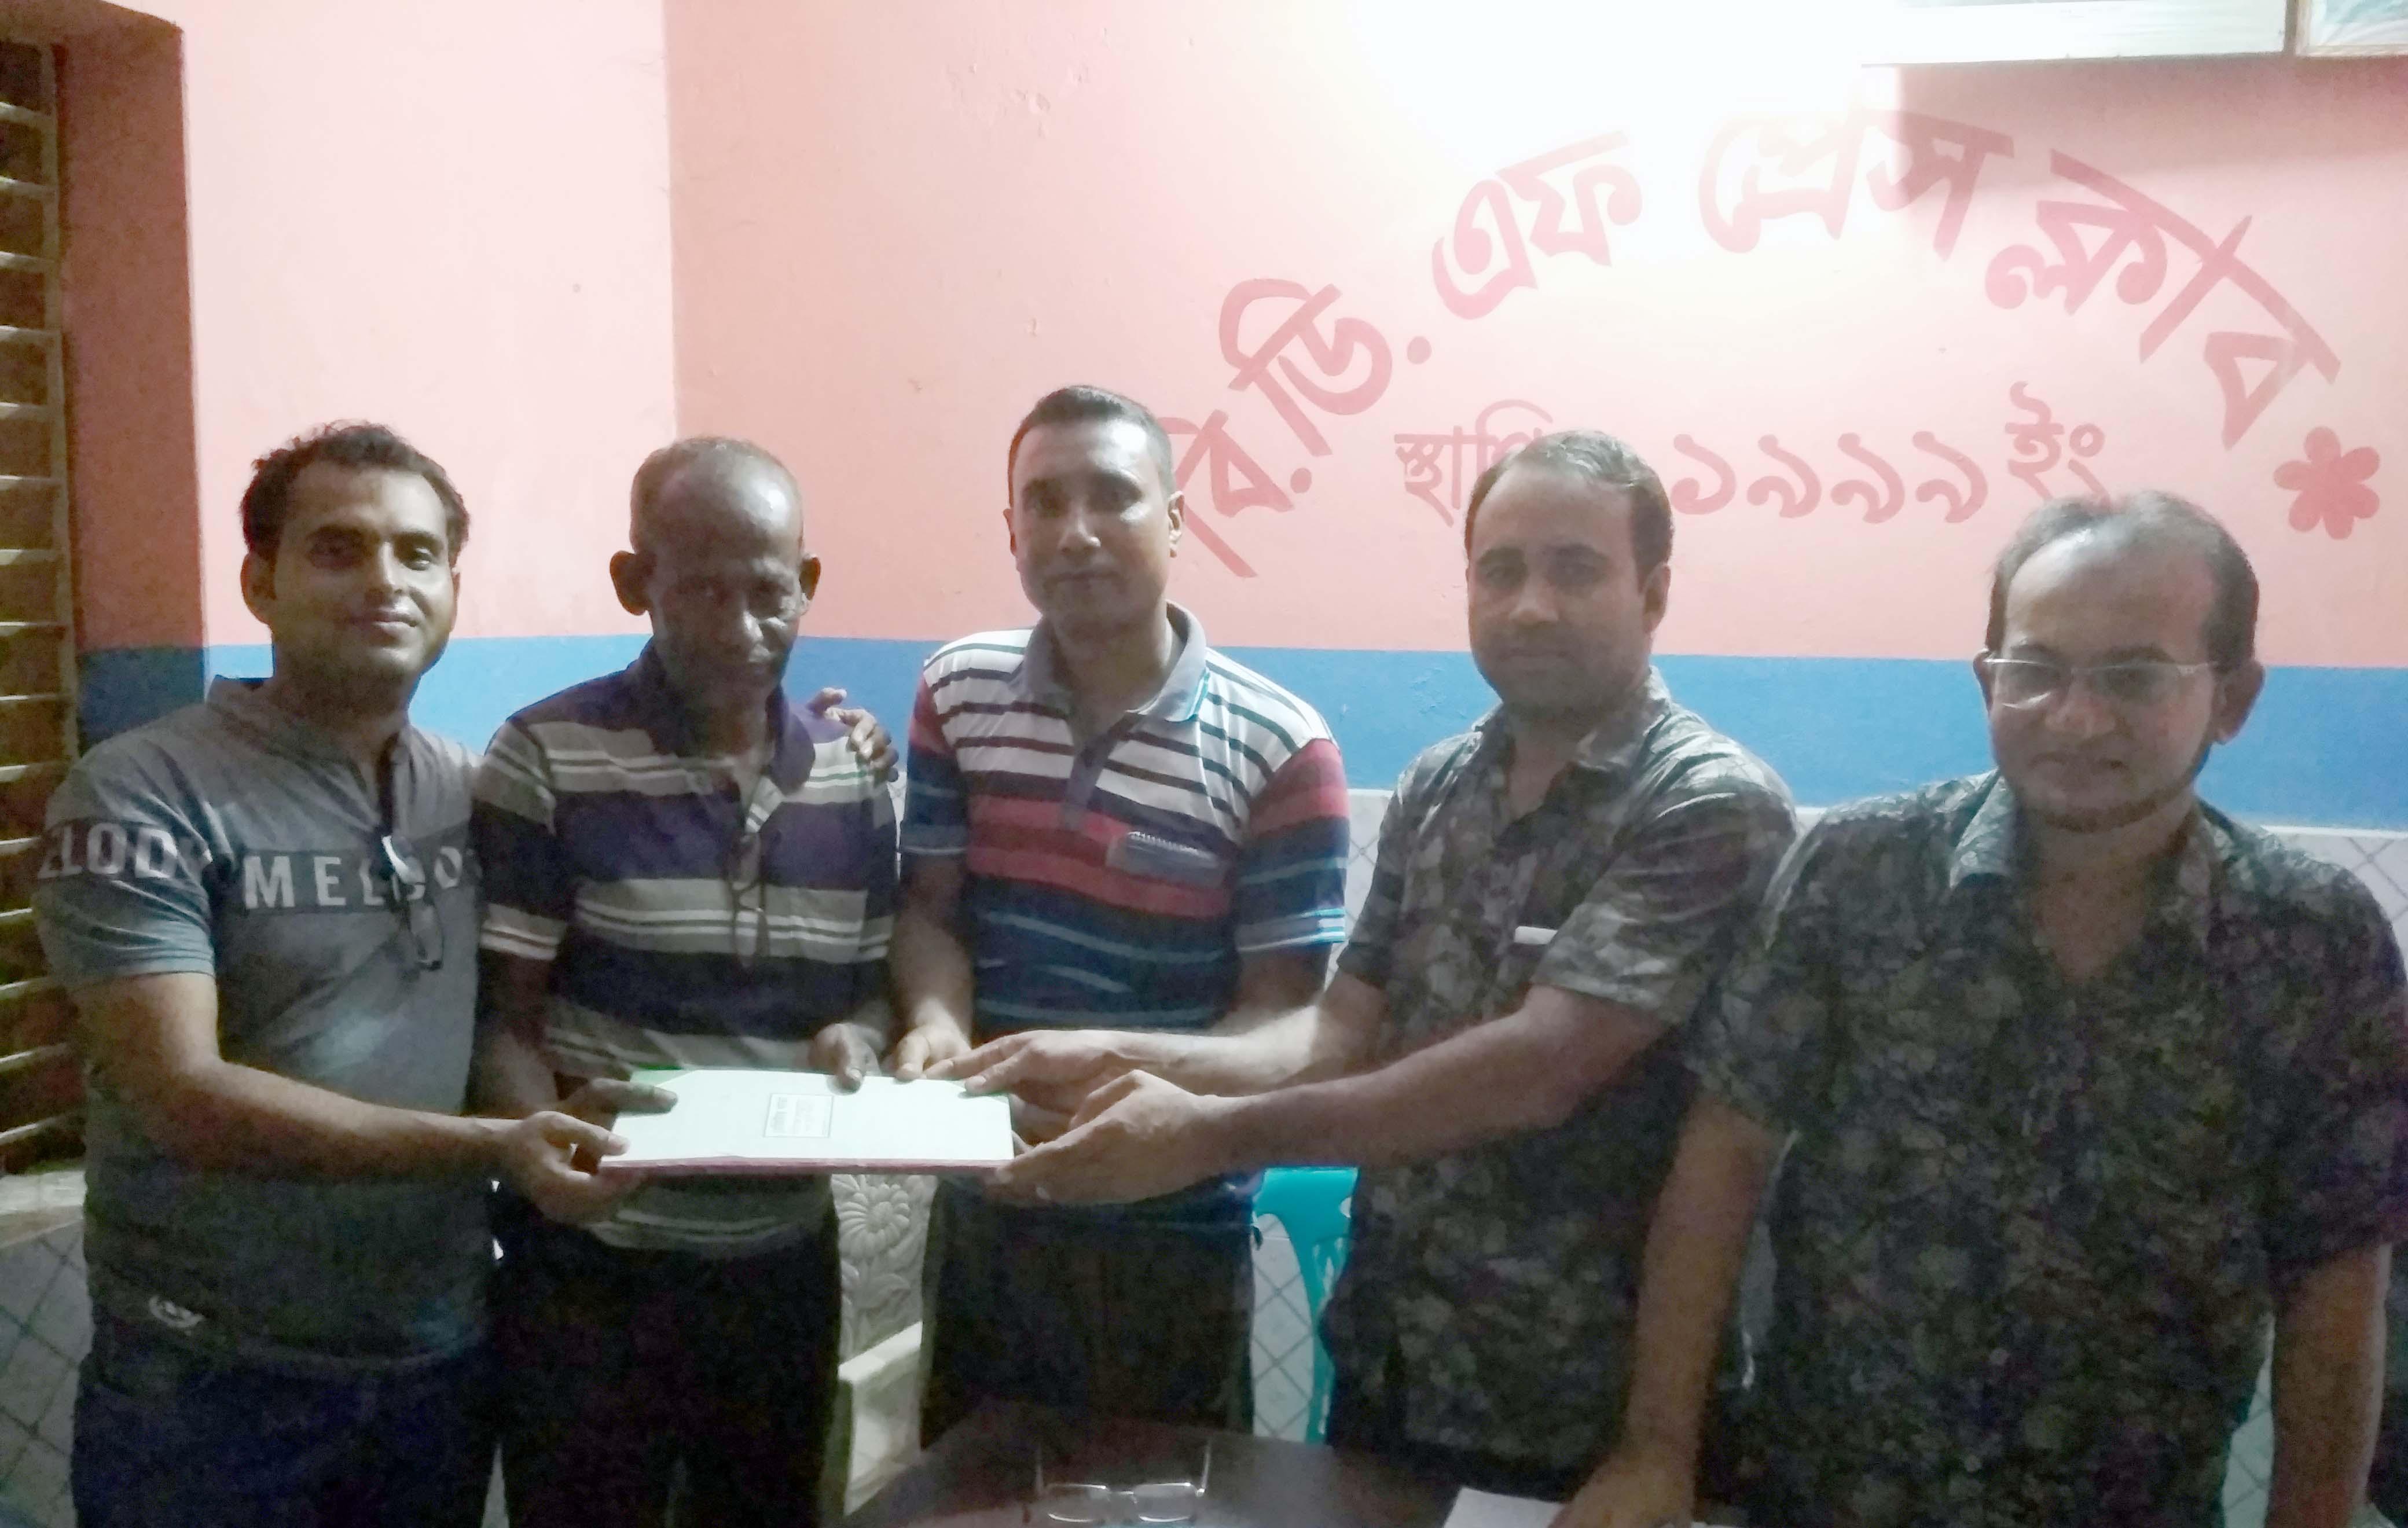 বিডিএফ প্রেসক্লাবে দ্বি-বার্ষিক সাধারণ সভা অনুষ্ঠিত: আহবায়ক কমিটি গঠন